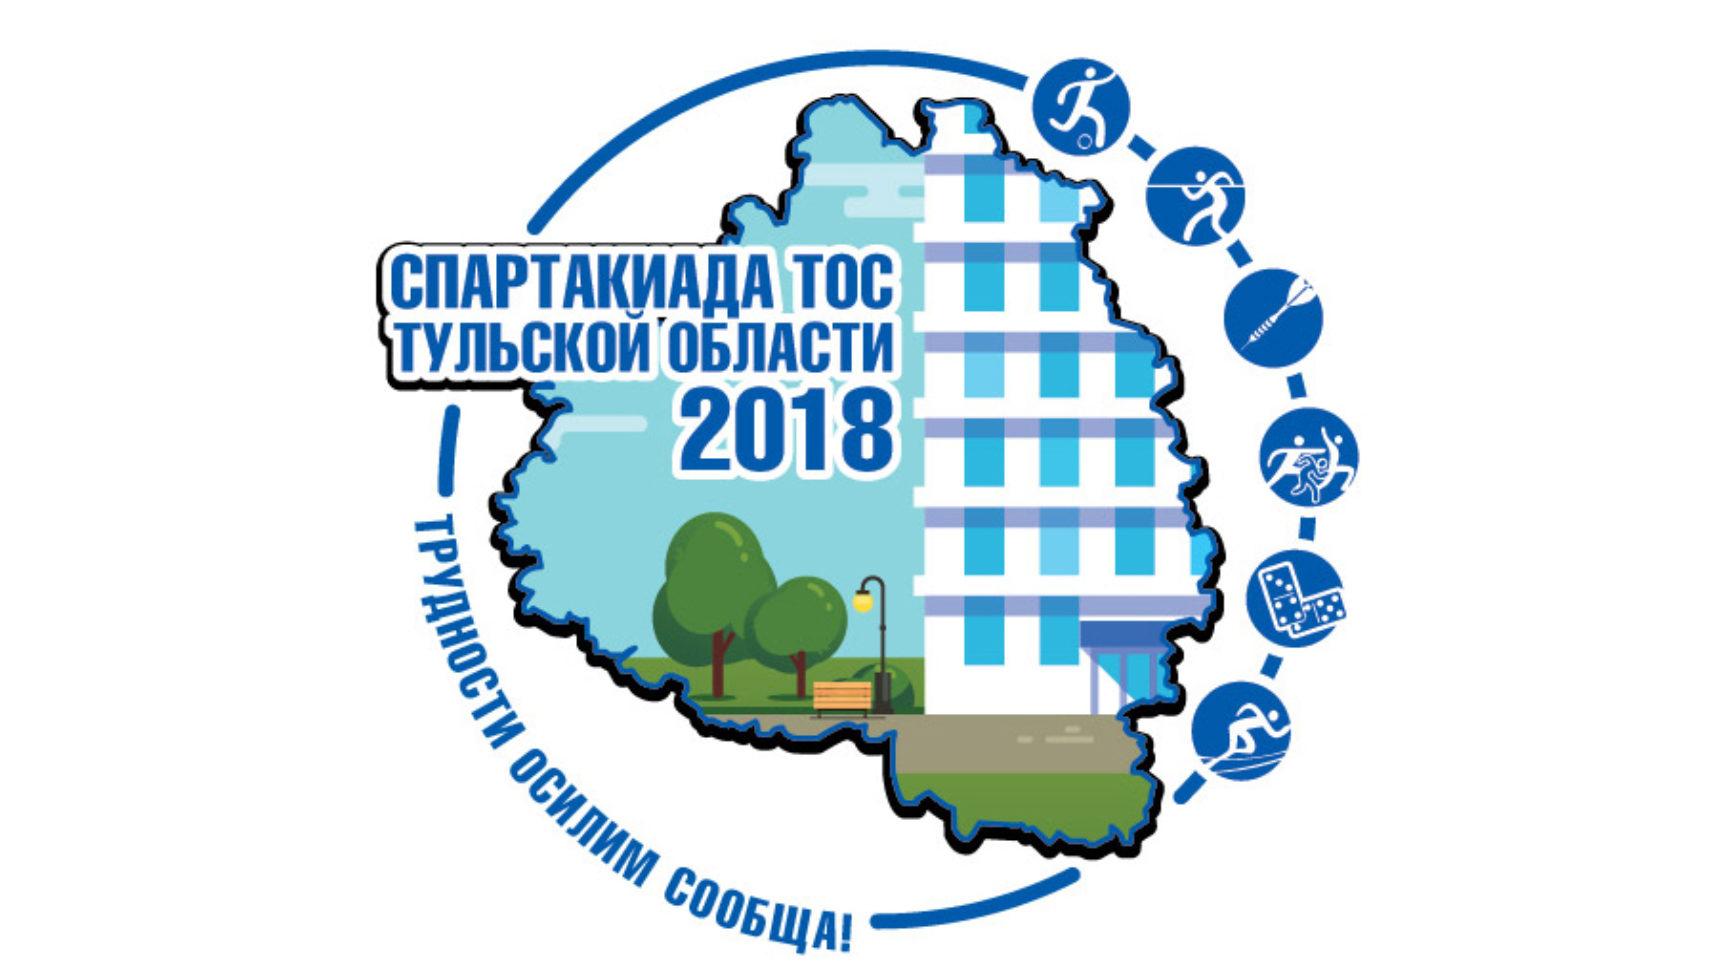 Ежегодная Спартакиада территориального общественного самоуправления Тульской области 2018 года